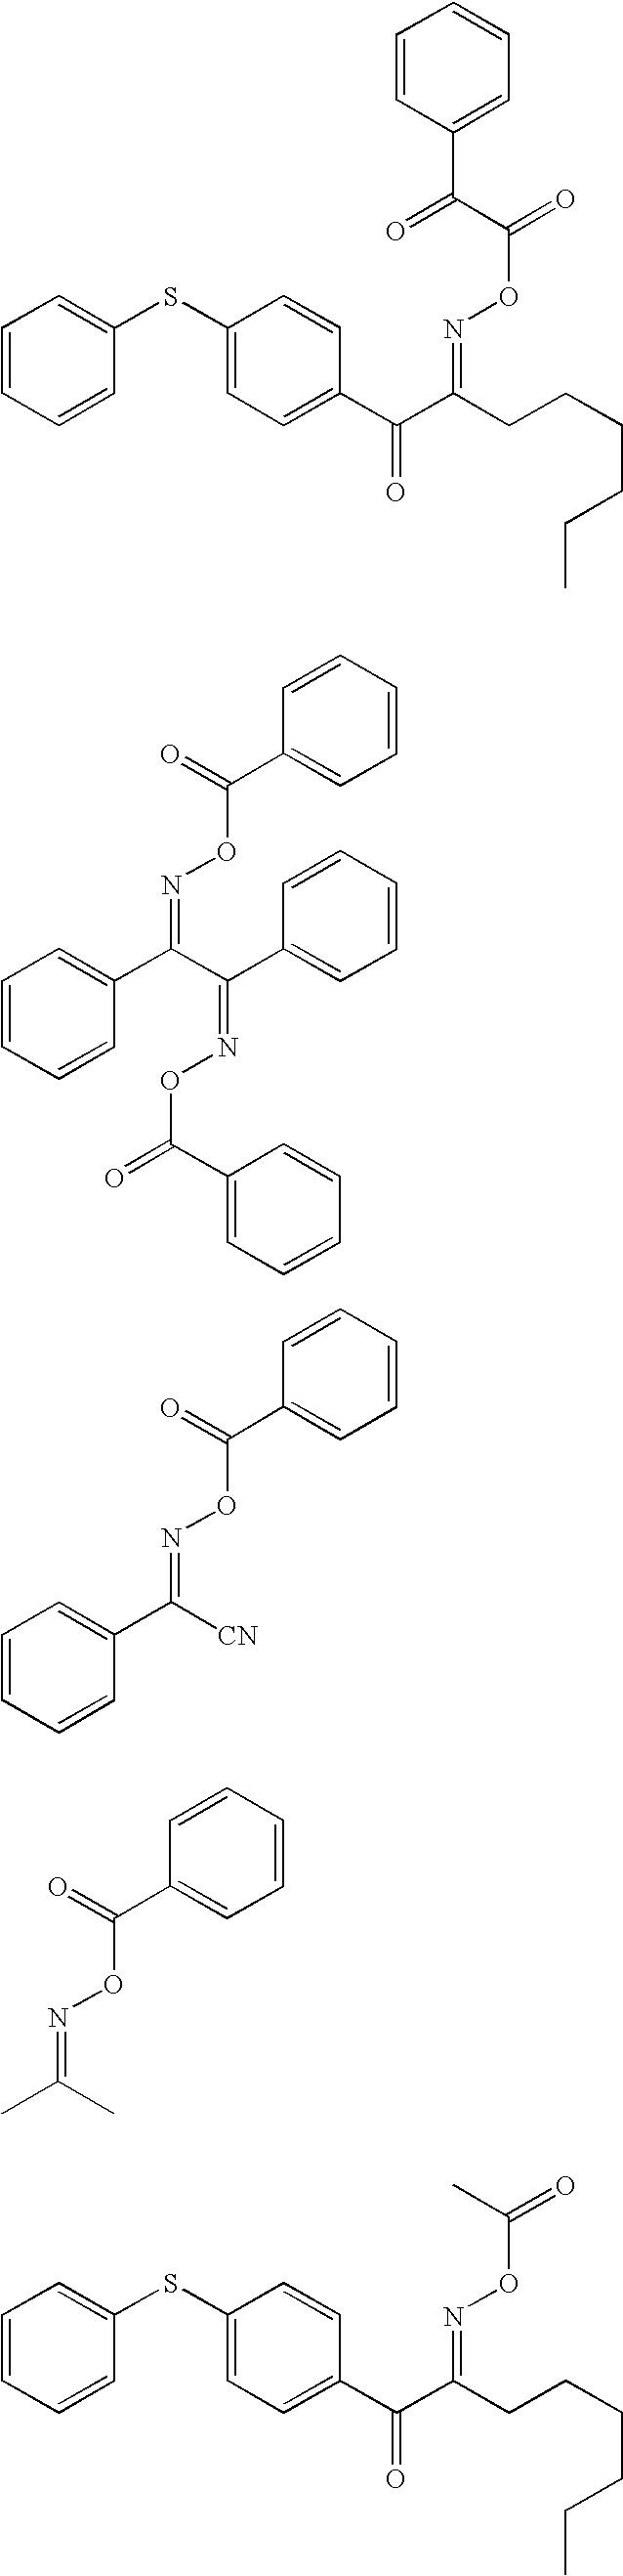 Figure US07910286-20110322-C00010